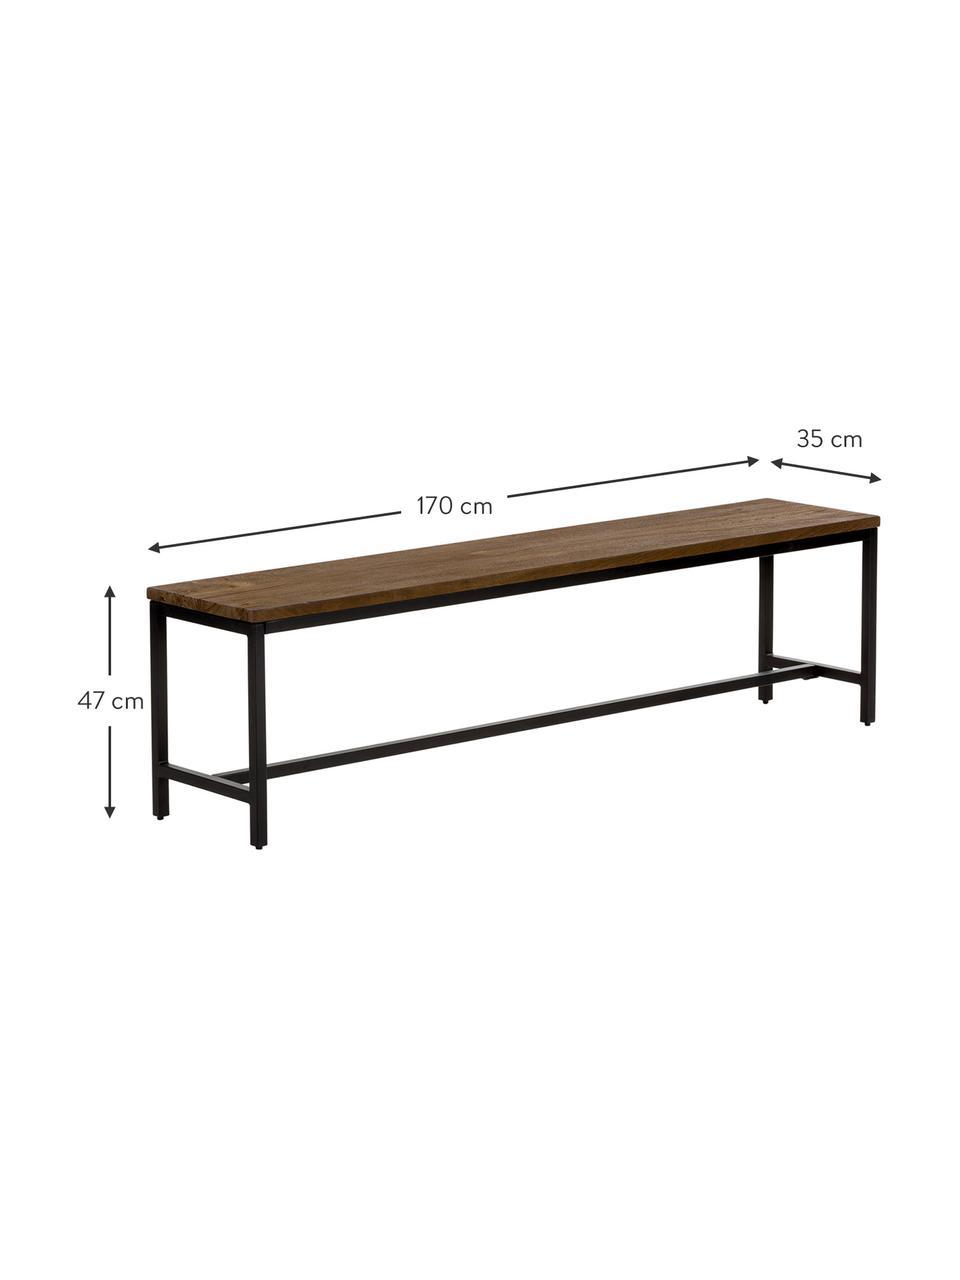 Bank Raw, Zitvlak: massief mangohout, gebors, Frame: gepoedercoat ijzer, Zitvlak: mangohoutkleurig met vintage look. Frame: zwart, 177 x 47 cm